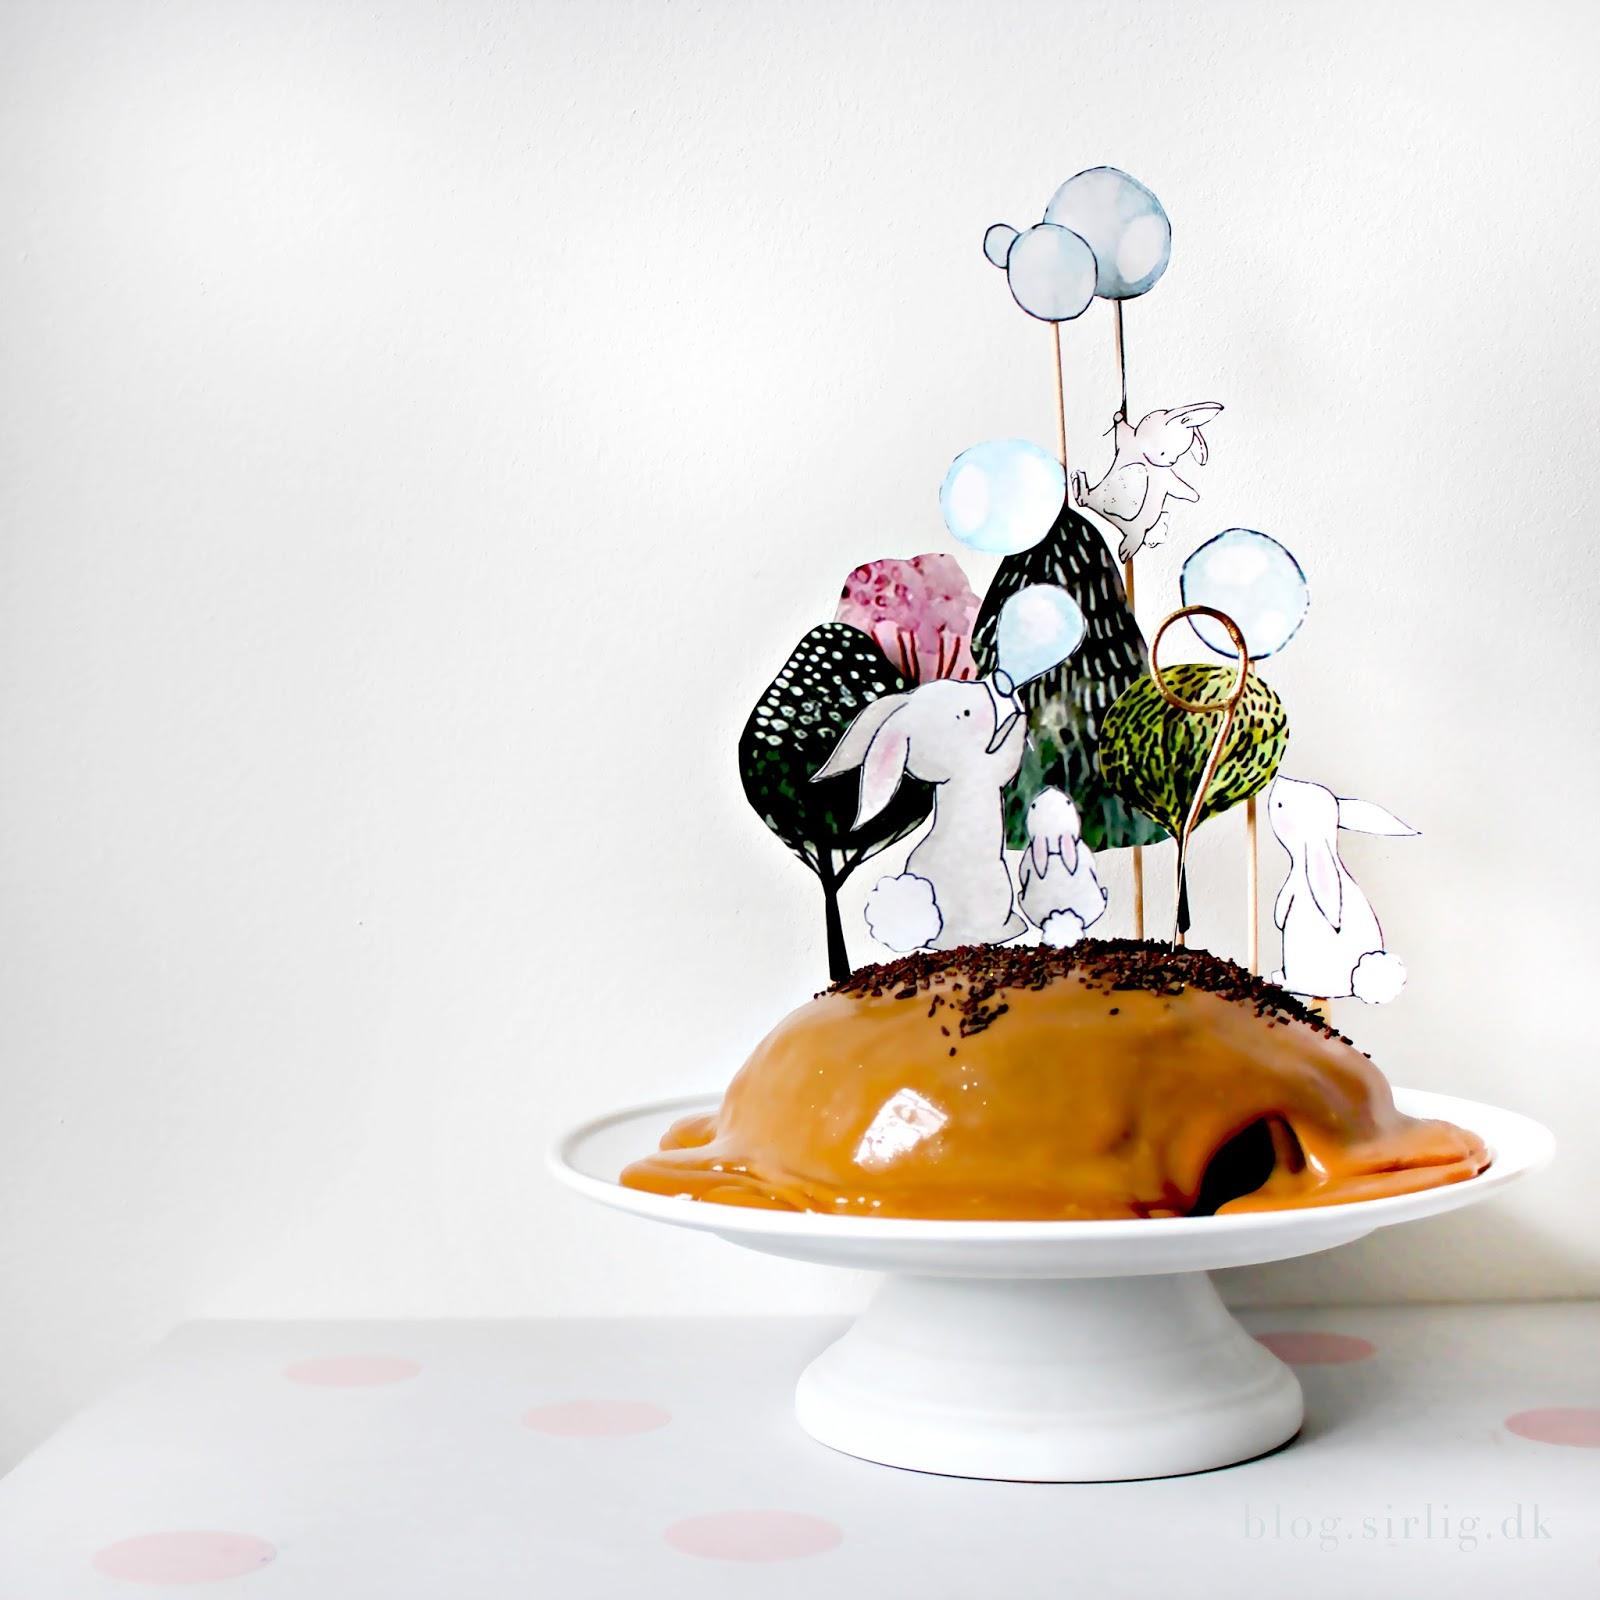 børnefødselsdag 9 år